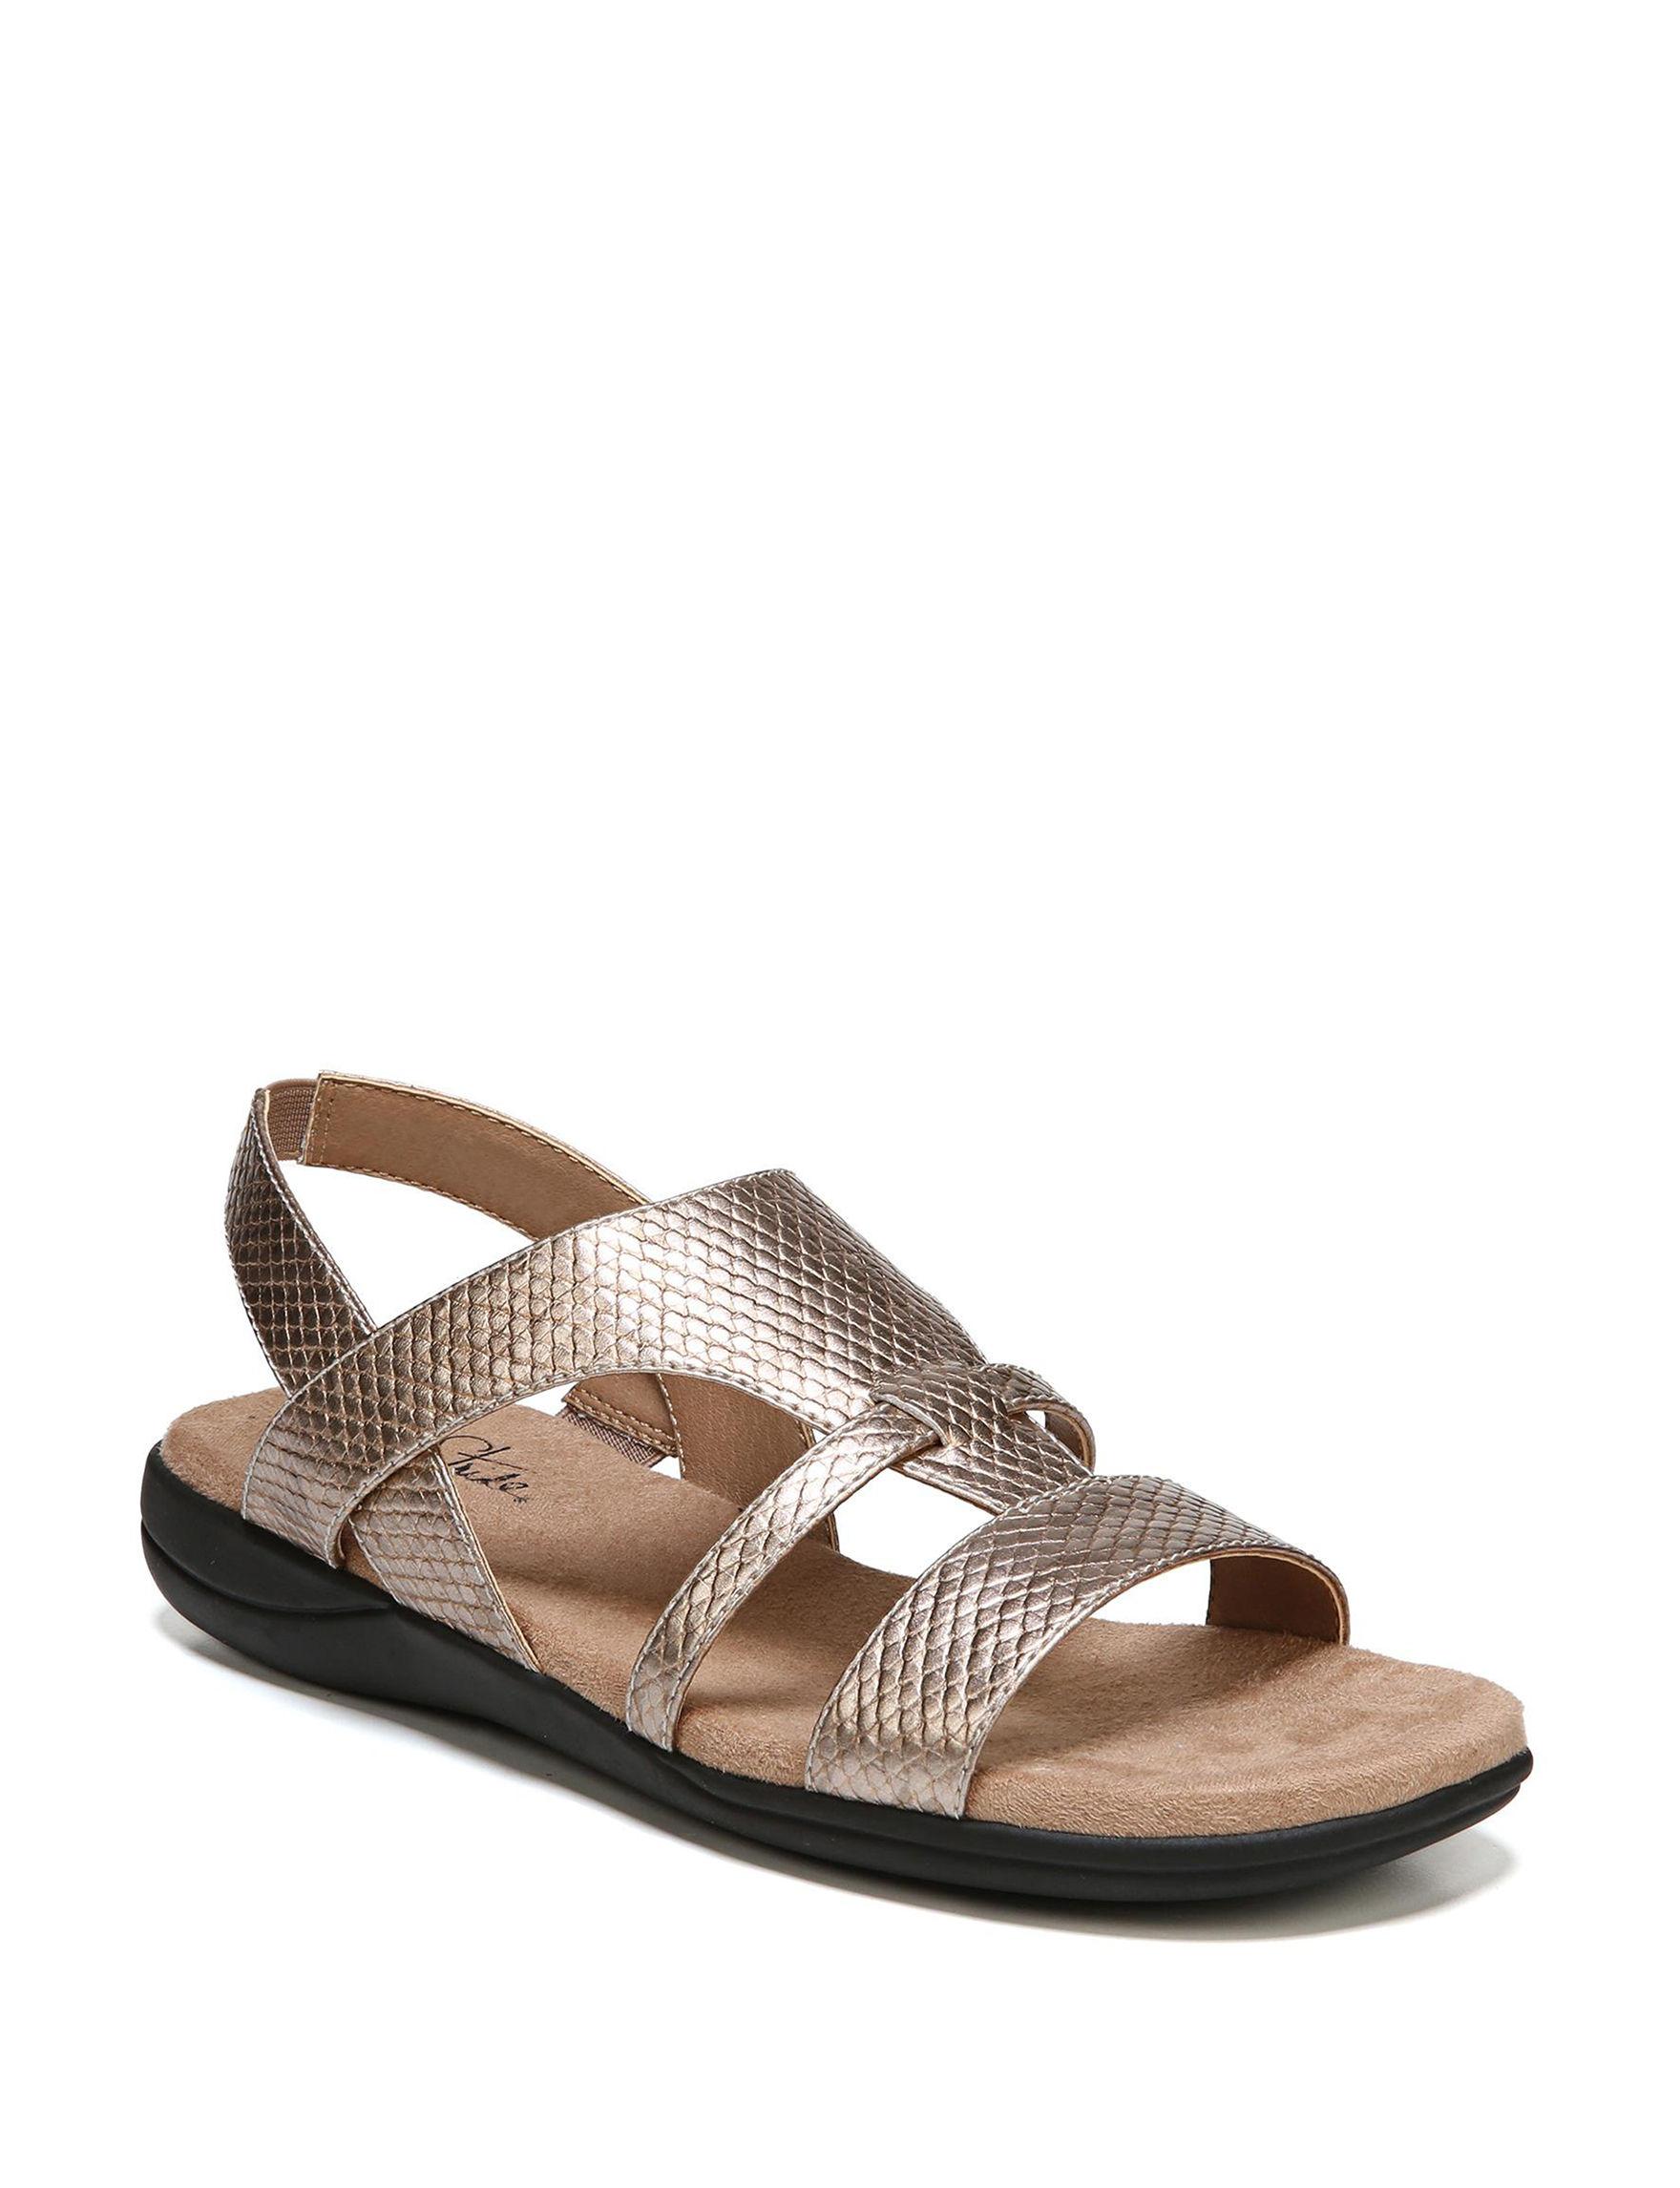 Lifestride Gold Flat Sandals Footbed